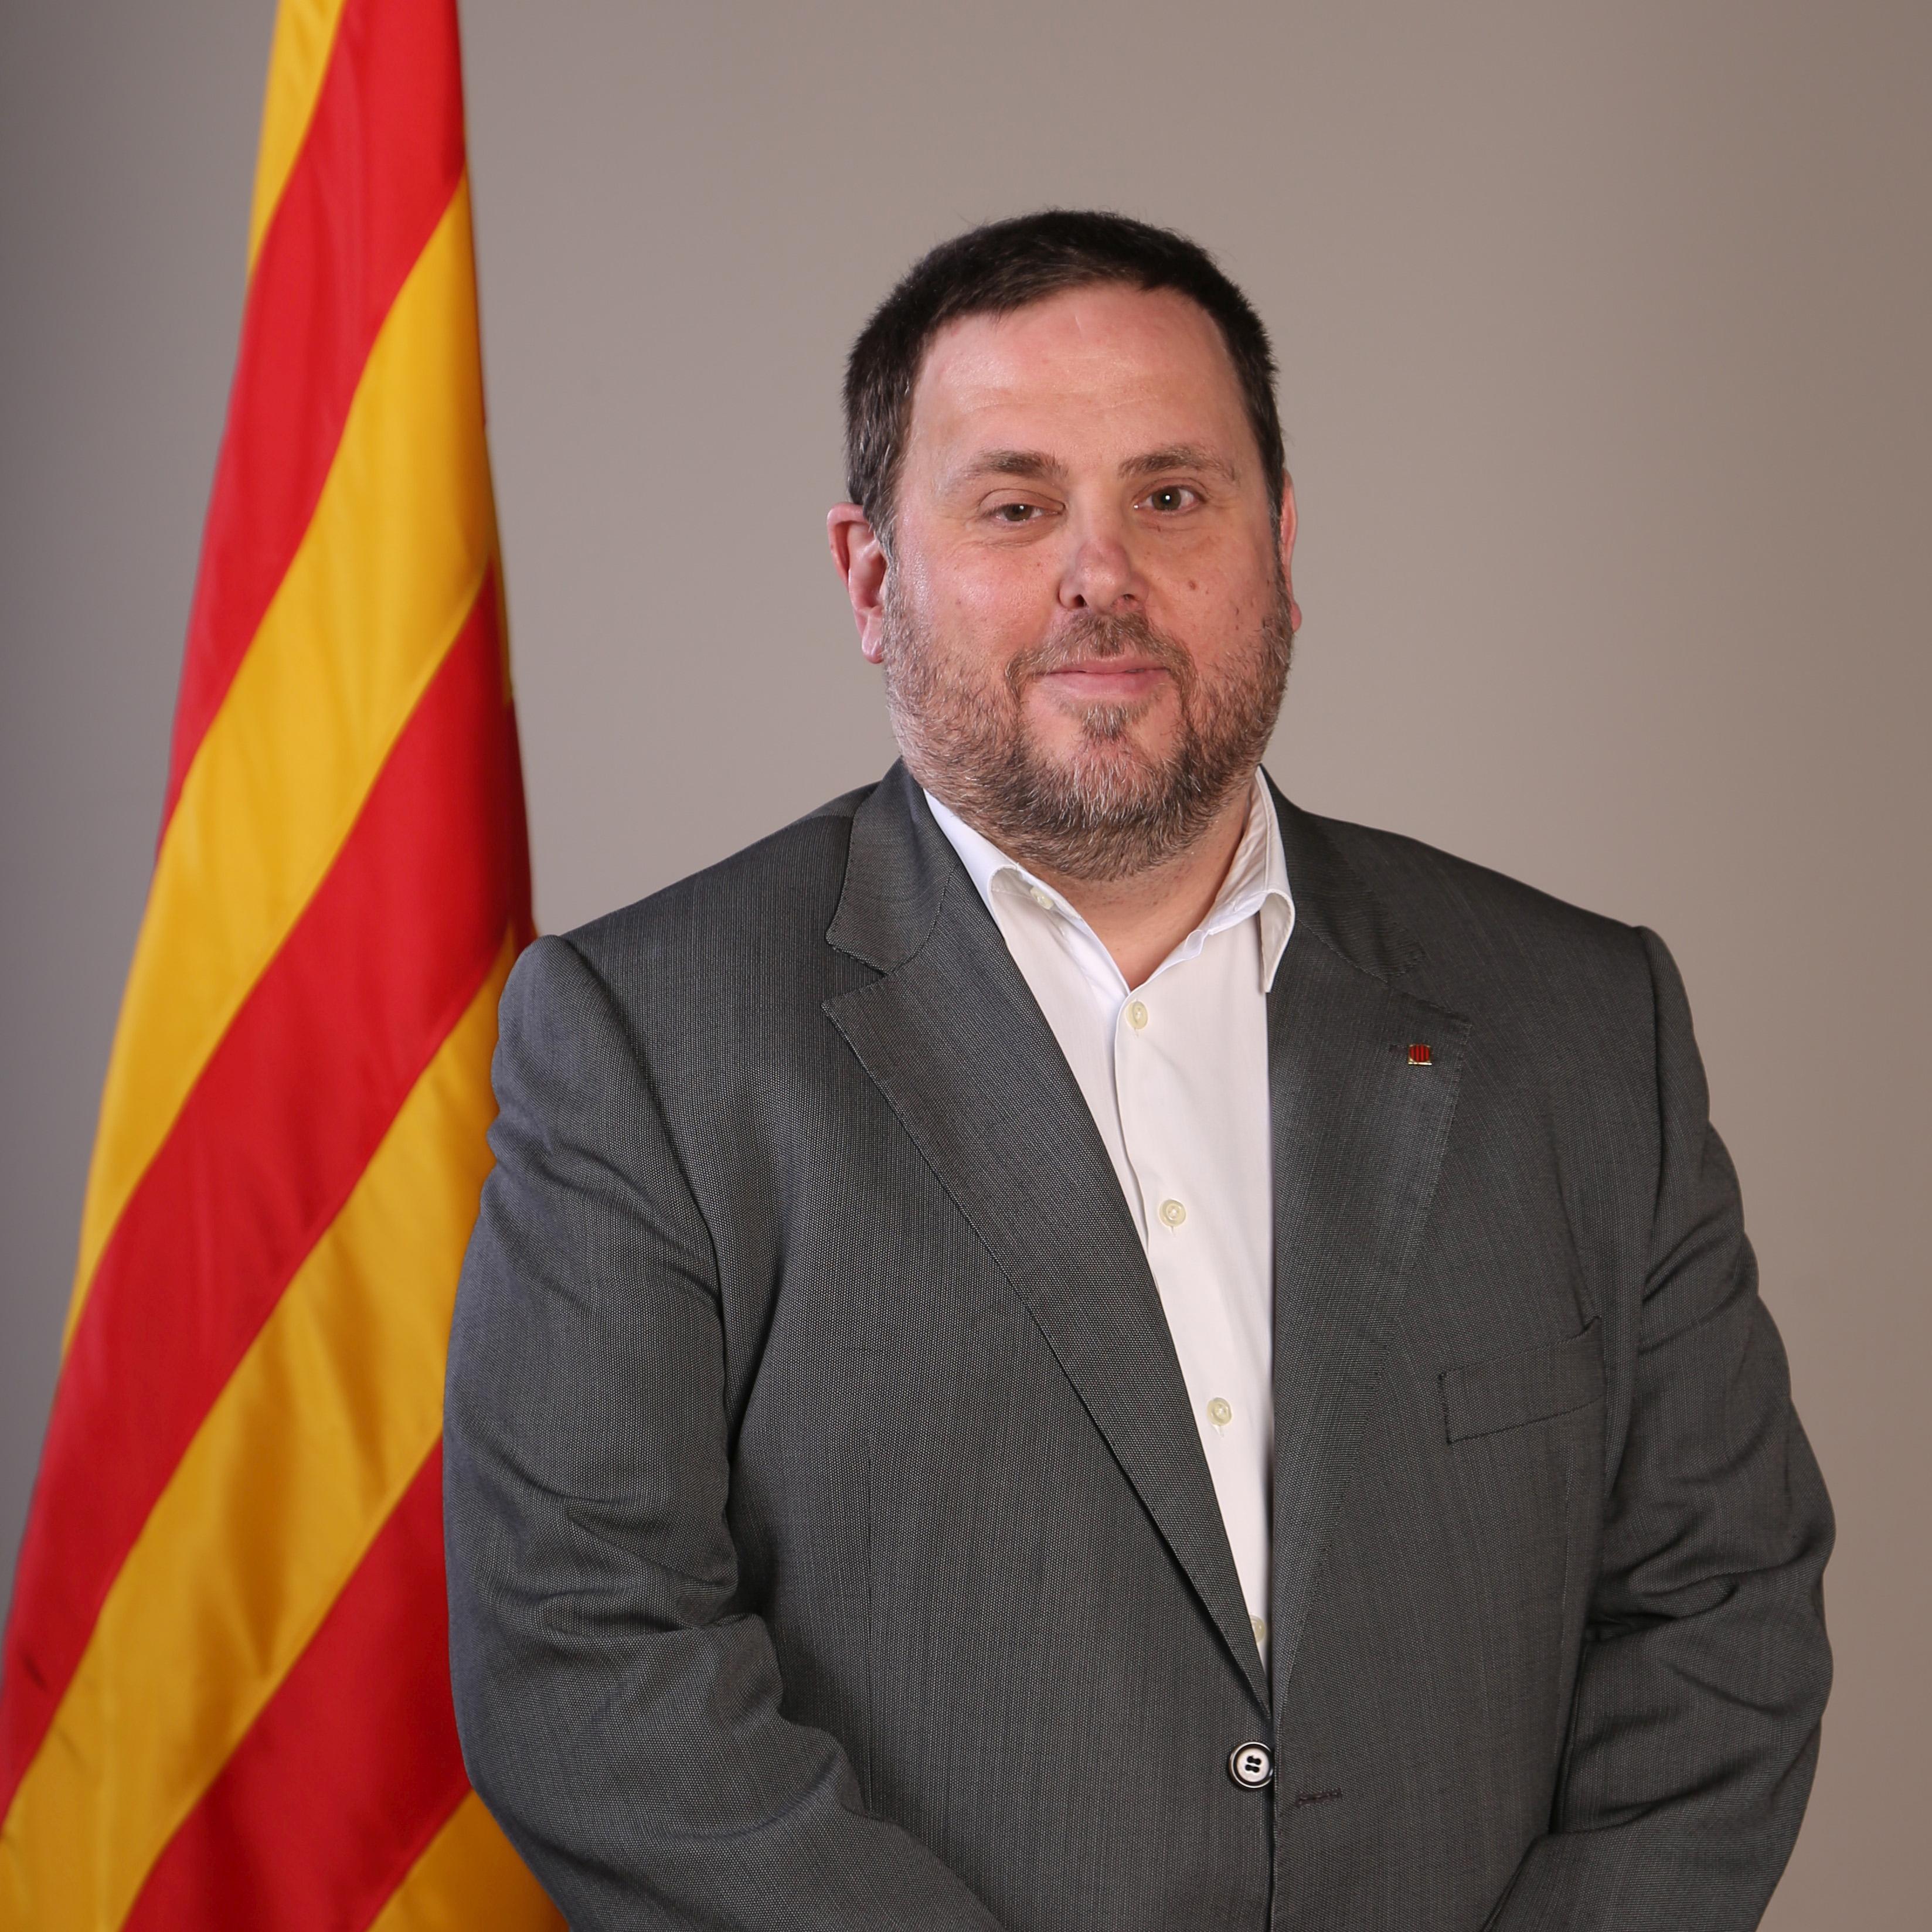 4129fbfa0ed Oriol Junqueras - Wikipedia